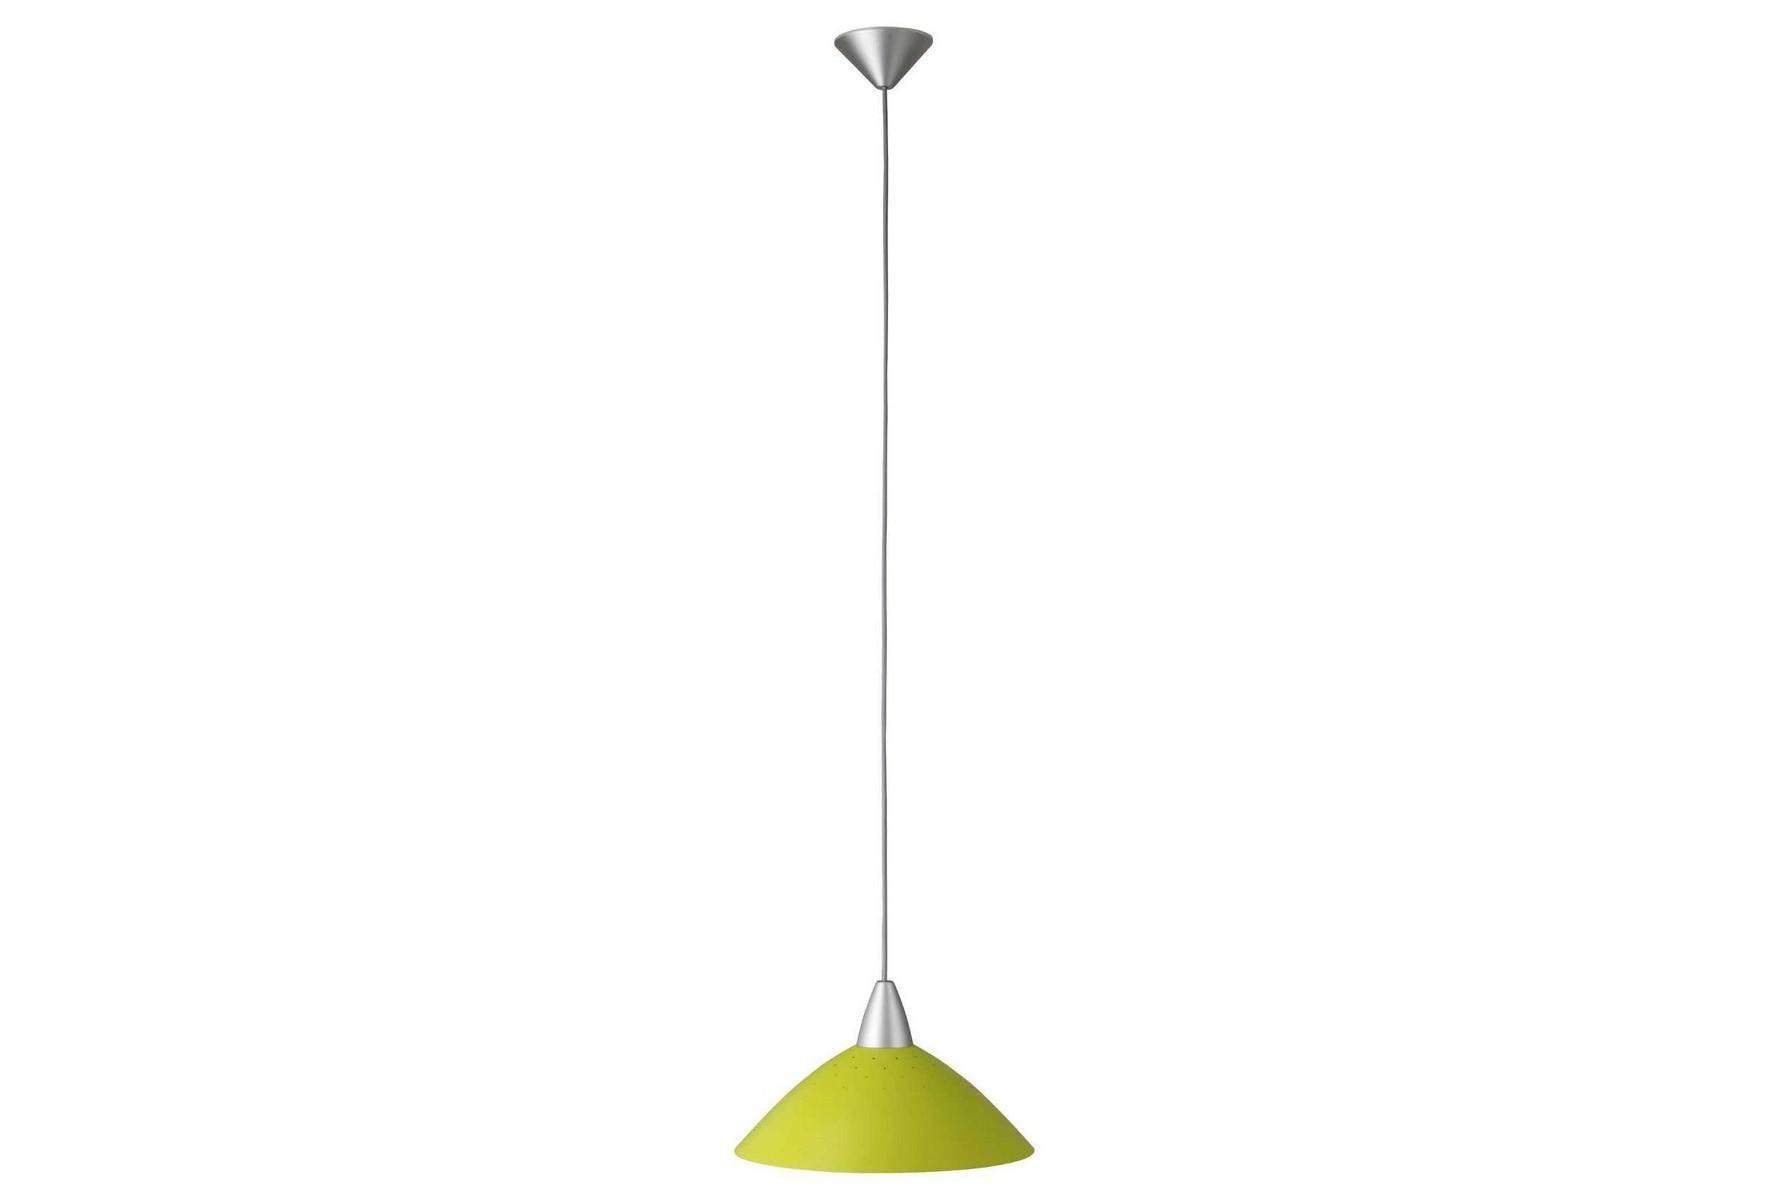 Светильник подвеснойLogoПодвесные светильники<br>Вид цоколя: E27&amp;amp;nbsp;&amp;lt;div&amp;gt;Количество ламп: 1&amp;amp;nbsp;&amp;lt;/div&amp;gt;&amp;lt;div&amp;gt;Наличие ламп: отсутствуют&amp;amp;nbsp;&amp;lt;/div&amp;gt;&amp;lt;div&amp;gt;Мощность лампы: 100W&amp;lt;/div&amp;gt;&amp;lt;div&amp;gt;Высота регулируется от 50 до 120 см&amp;lt;/div&amp;gt;<br><br>Material: Пластик<br>Height см: 50<br>Diameter см: 35